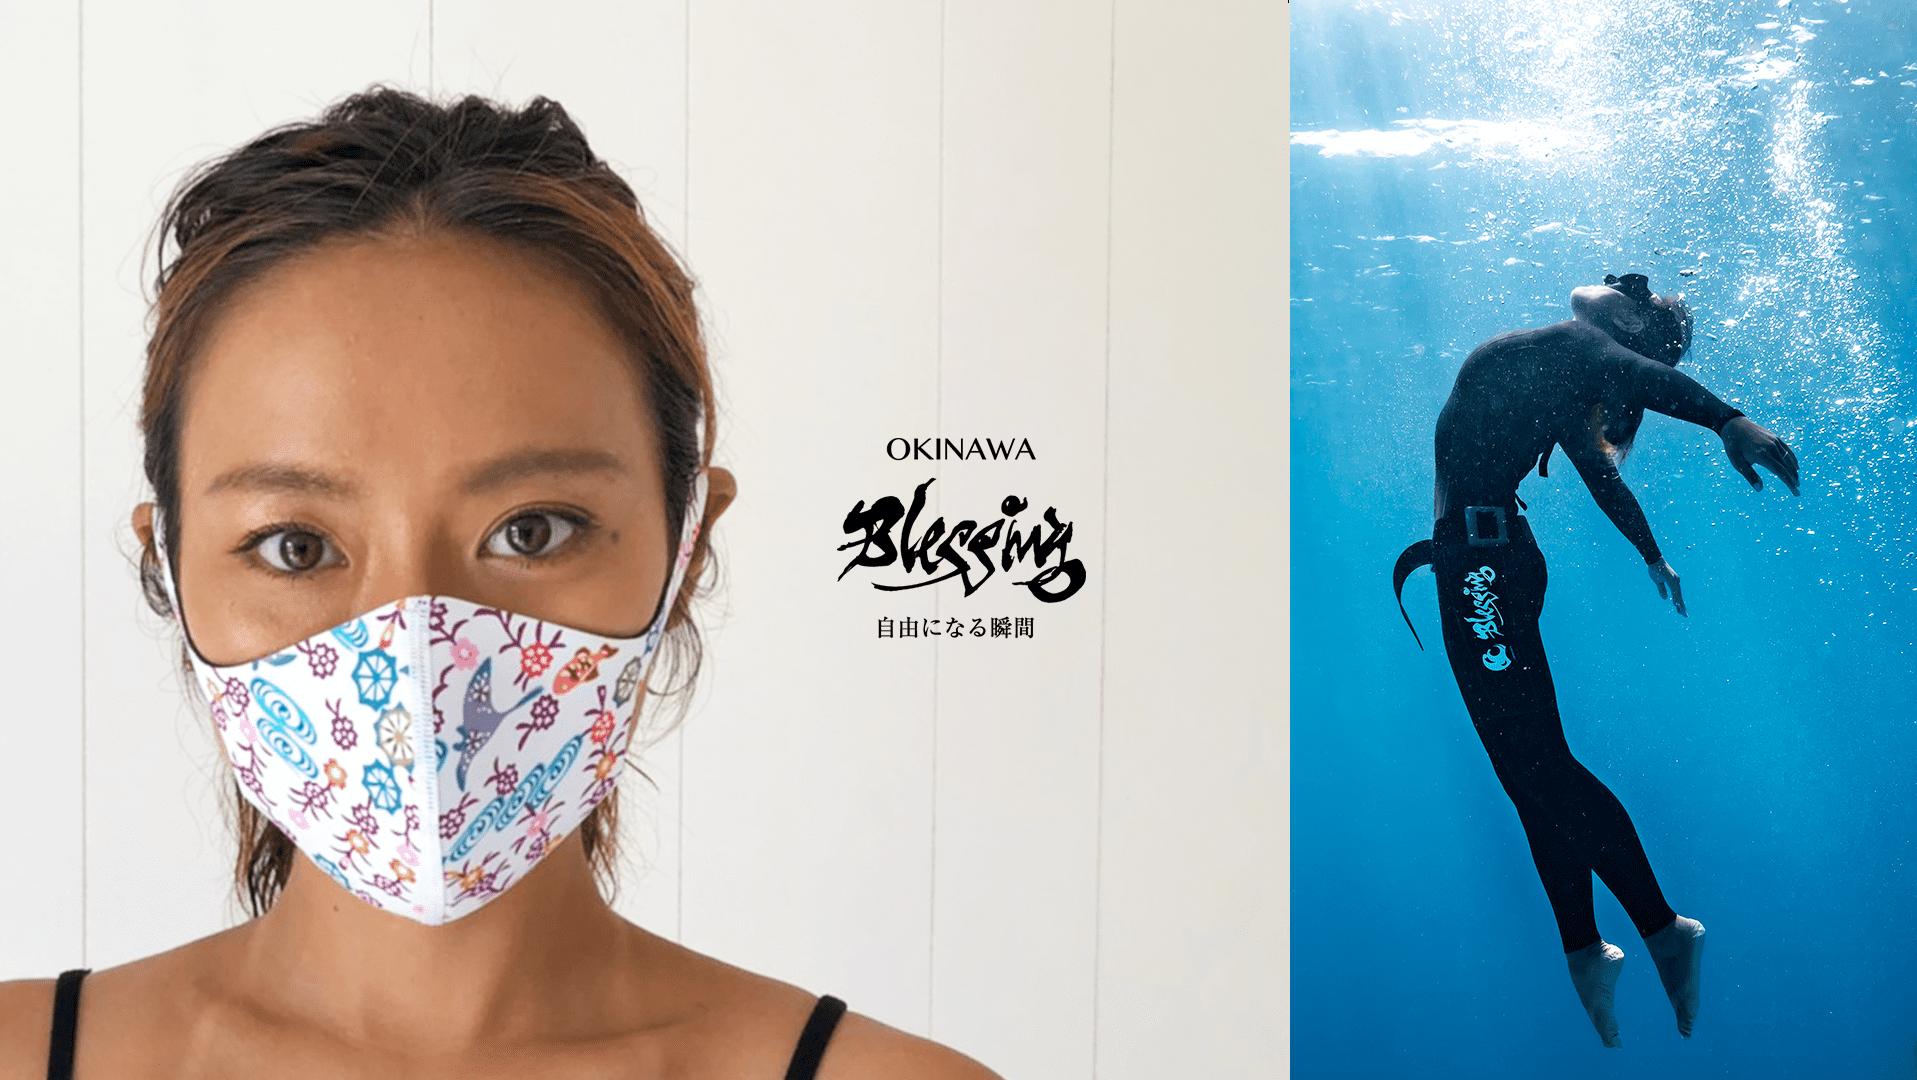 【沖縄マスク入荷情報】洗って使える紅型ウエットスーツマスク